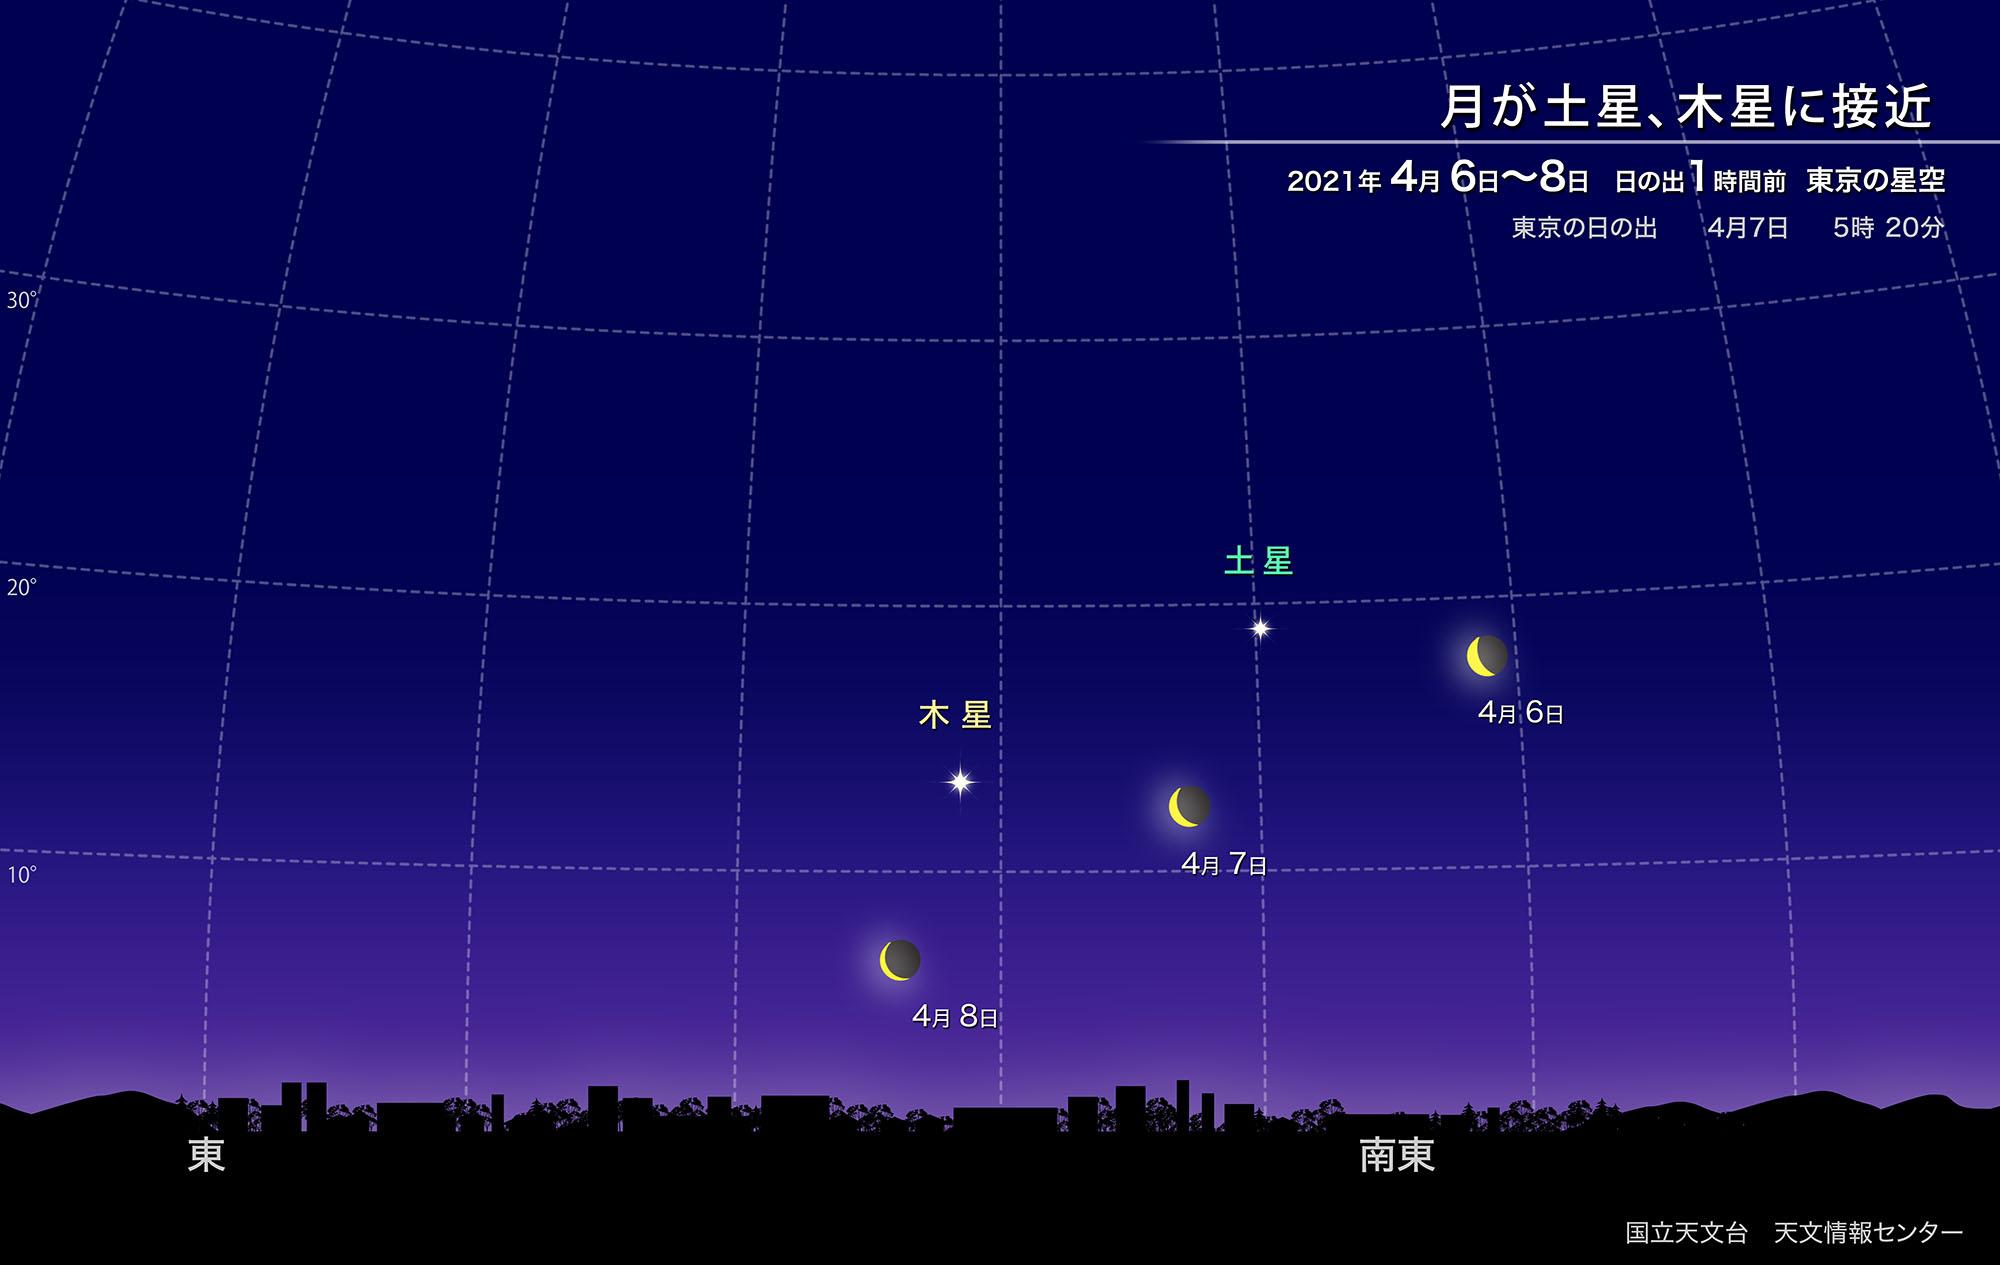 月が土星、木星に接近(2021年4月) | 国立天文台(NAOJ)